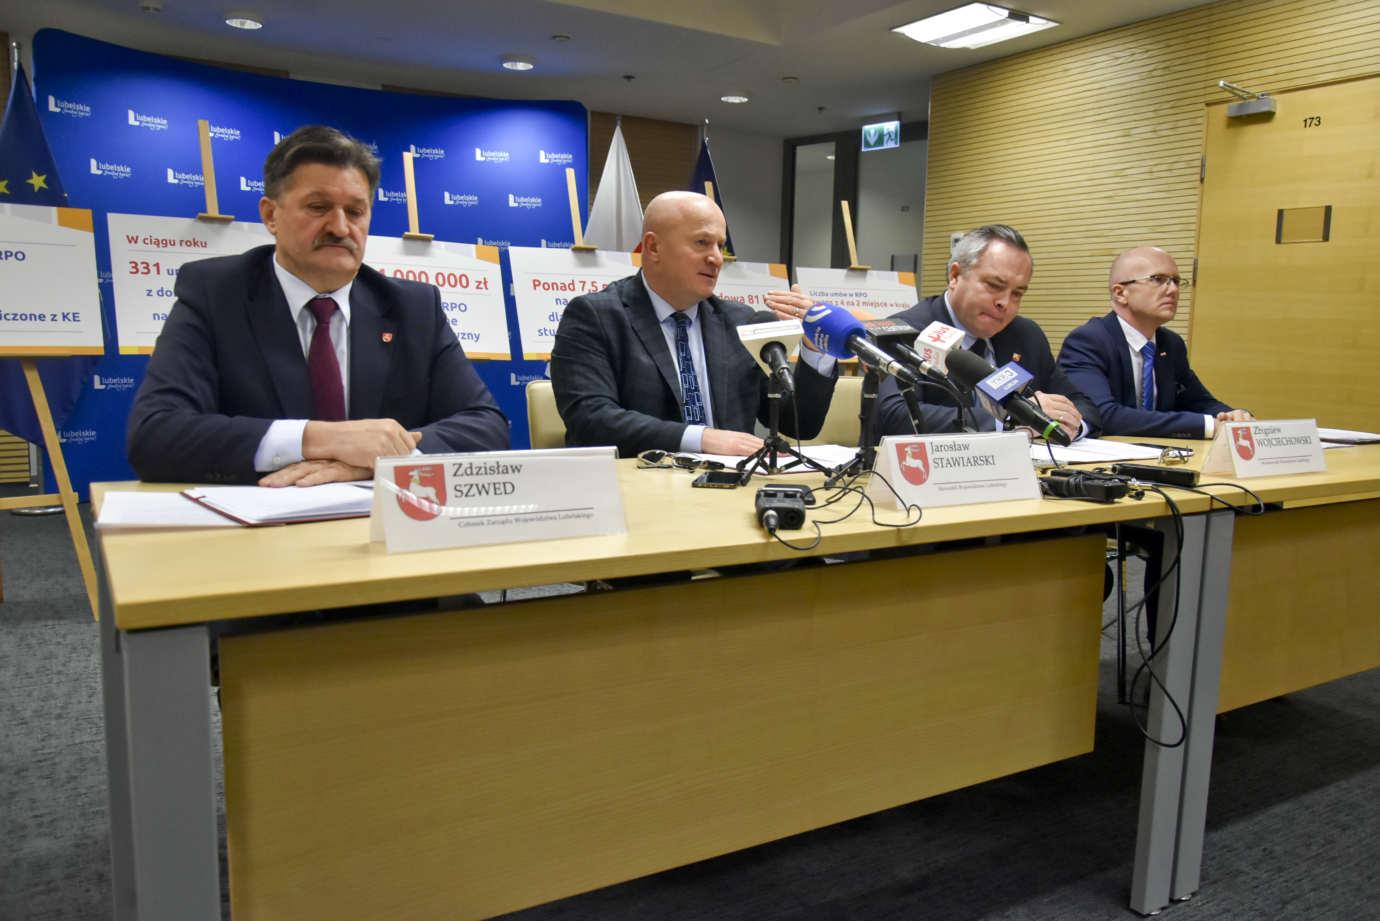 konferencja 10 Sukcesy i porażki. Władze województwa podsumowały pierwszy rok swojej działalności